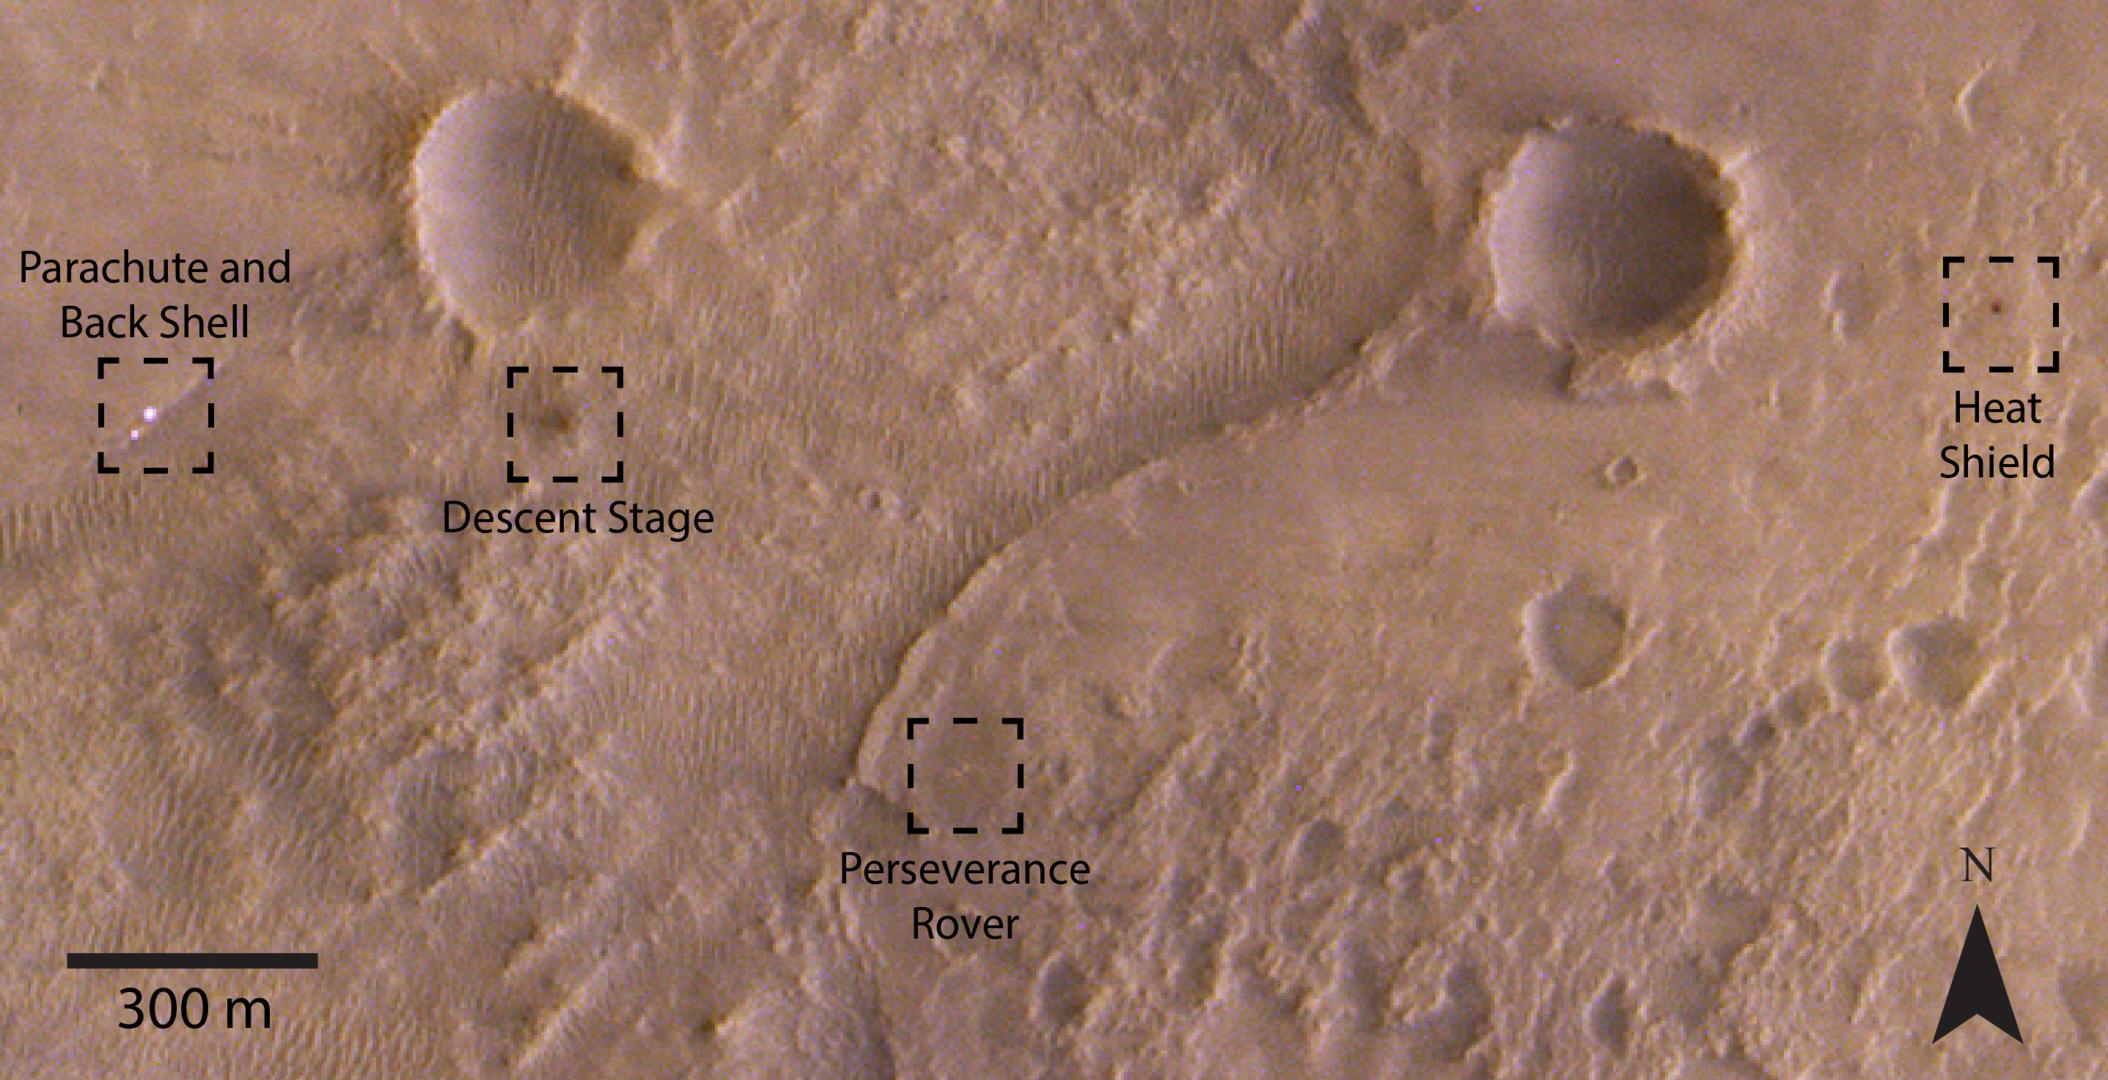 Evropská orbitální sonda TGO vyfotografovala místo přistání roveru Perseverance